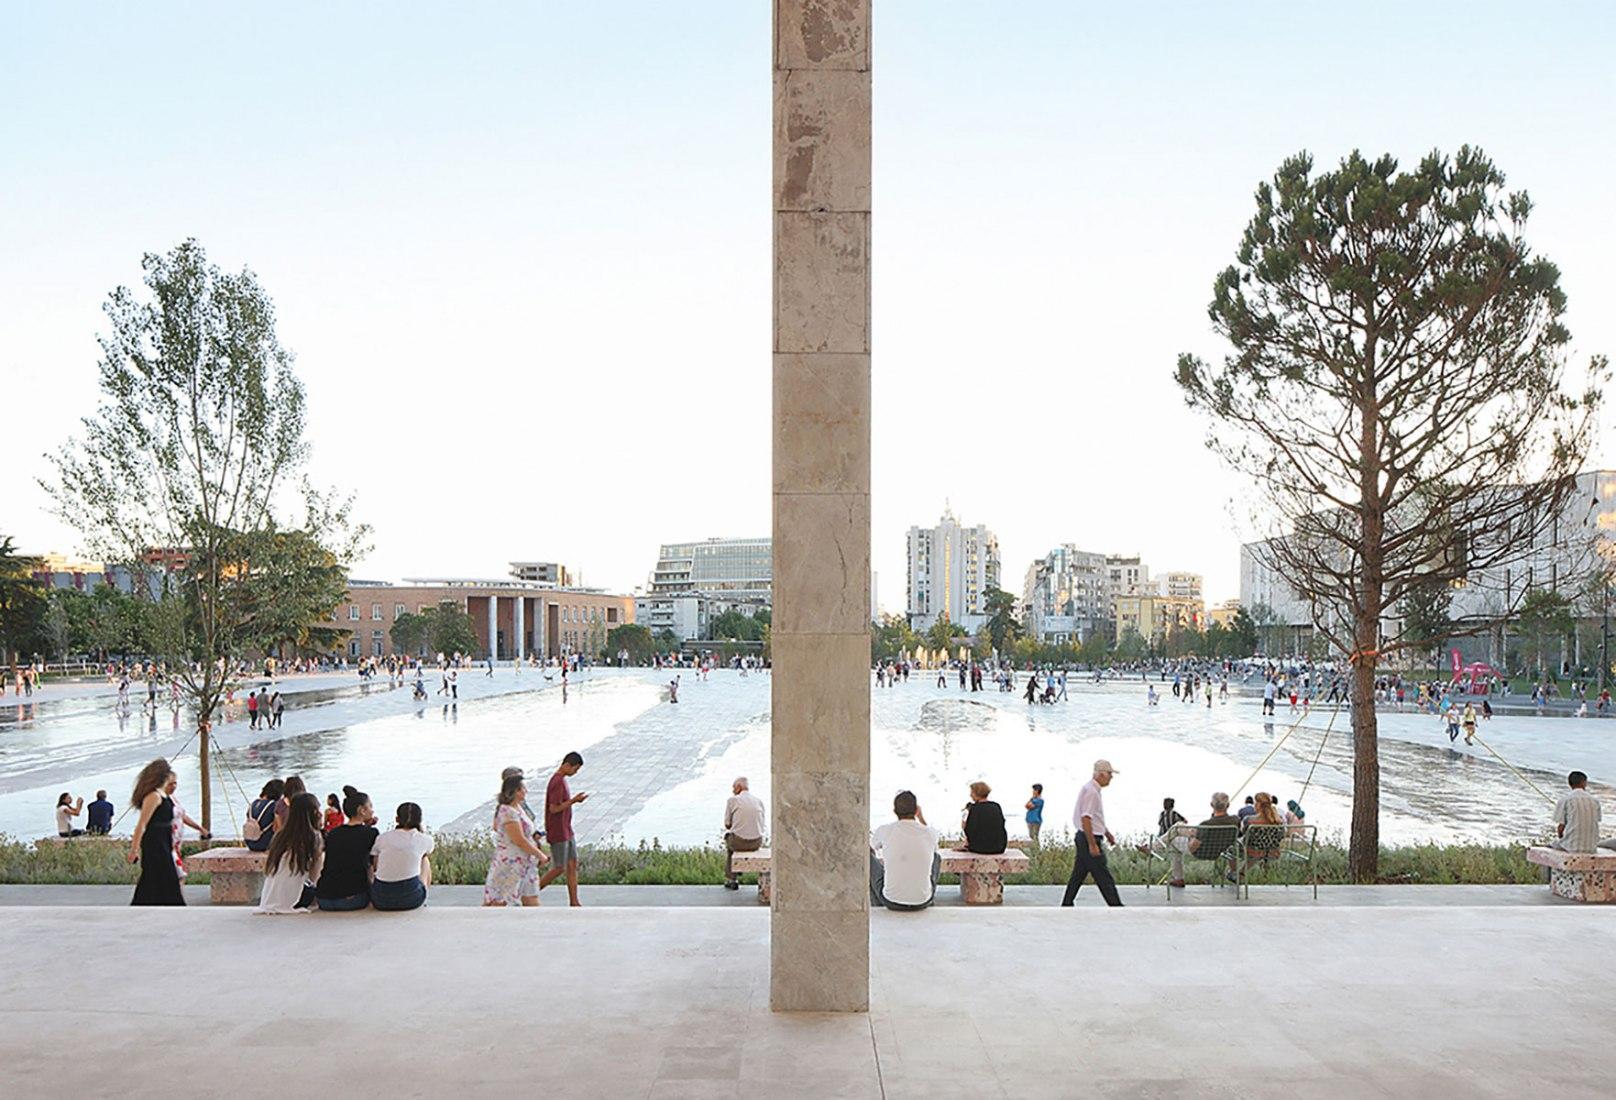 Plaza Skanderbeg. Renovación de la Plaza Skanderbeg por 51N4E. Ganador del Premio Europeo del espacio público 2018. Fotografía por Filip Dujardin